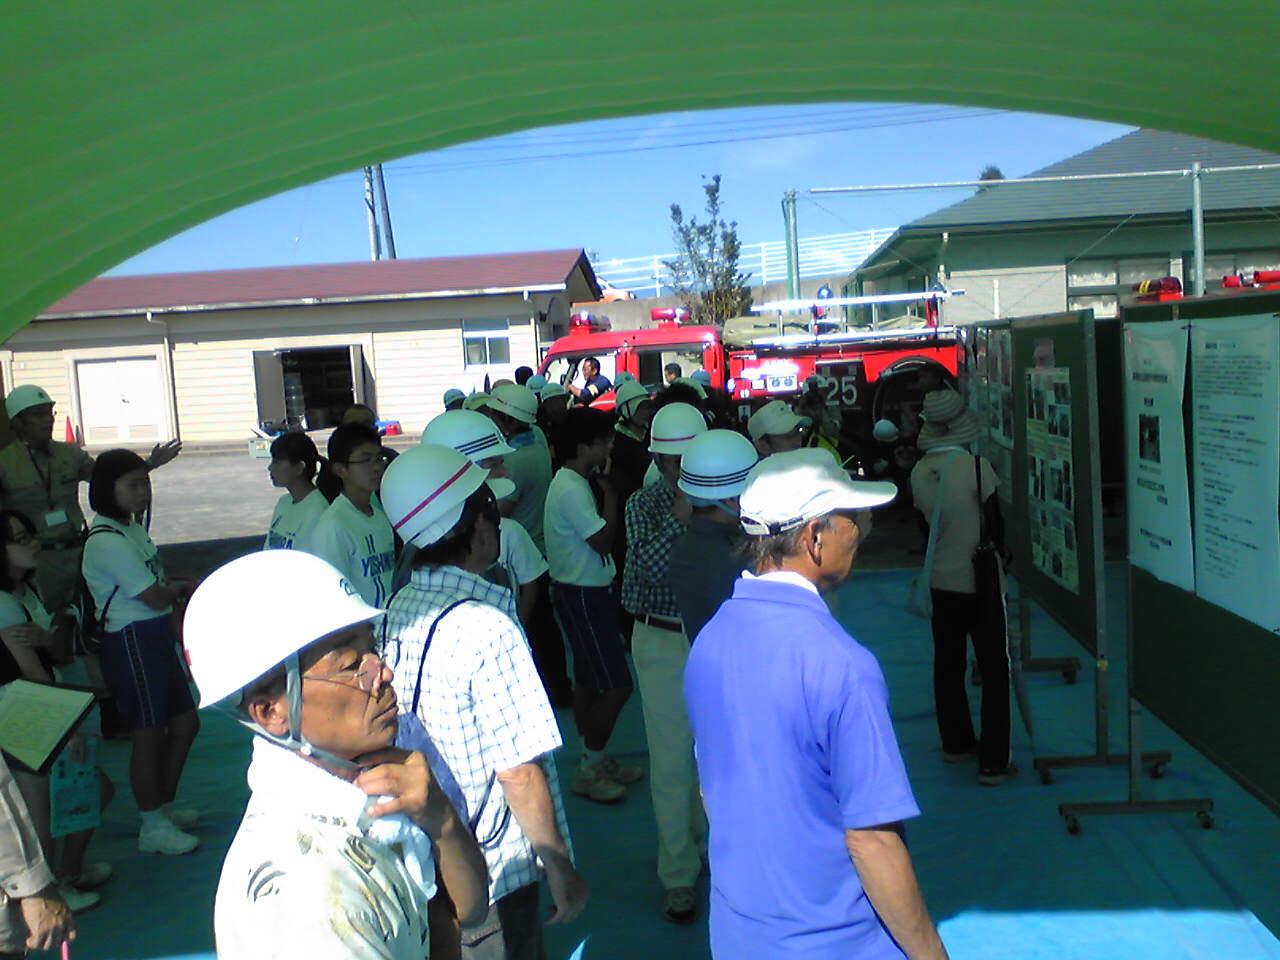 青葉台小で富士市会場型総合防災訓練_f0141310_7572272.jpg